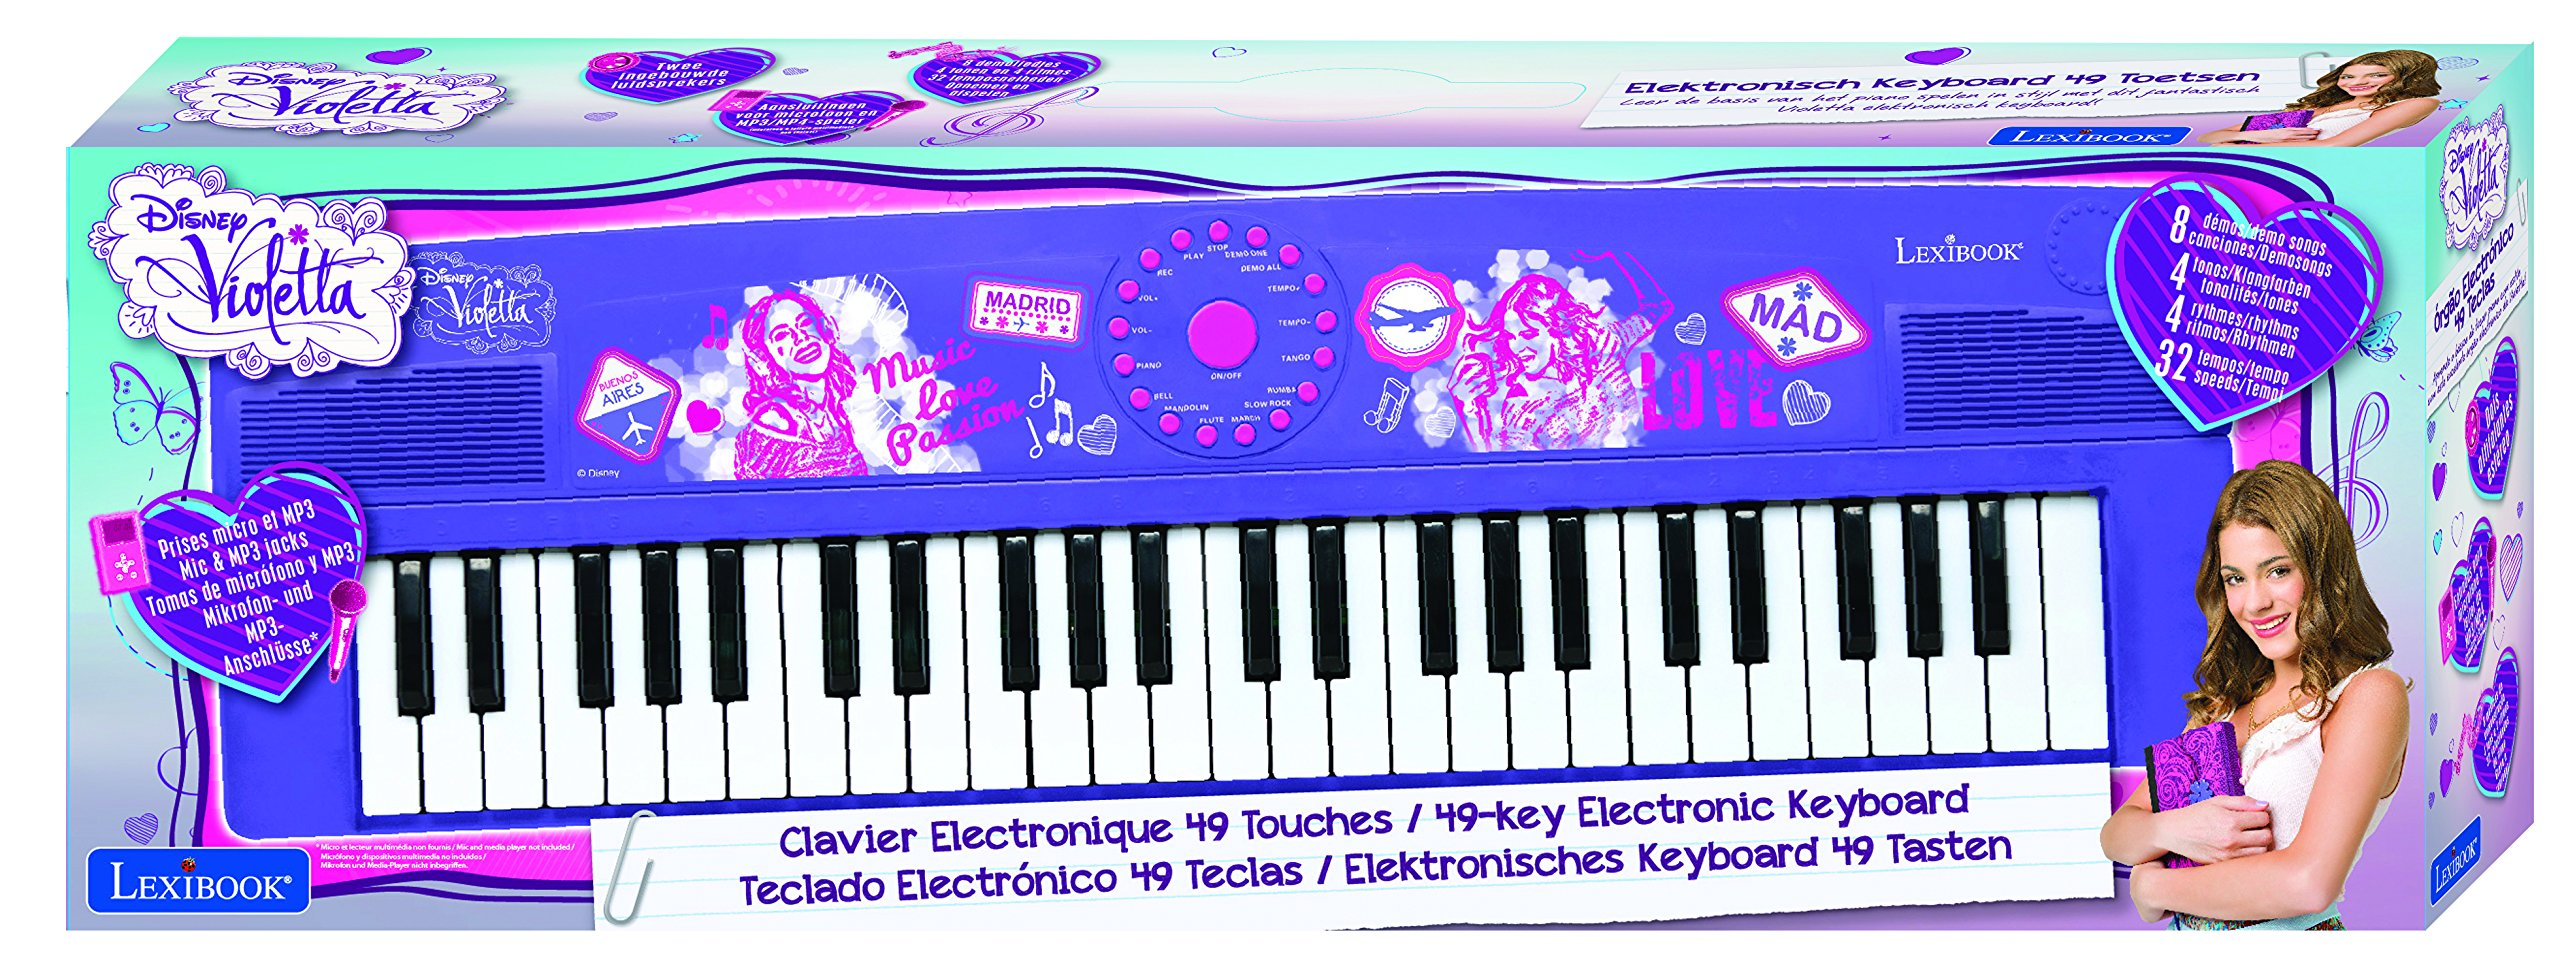 Violetta-Disney Teclado Electrónico con 49 Teclas, Piano portátil, Instrumento niñas (Lexibook K720VI), Color Morado